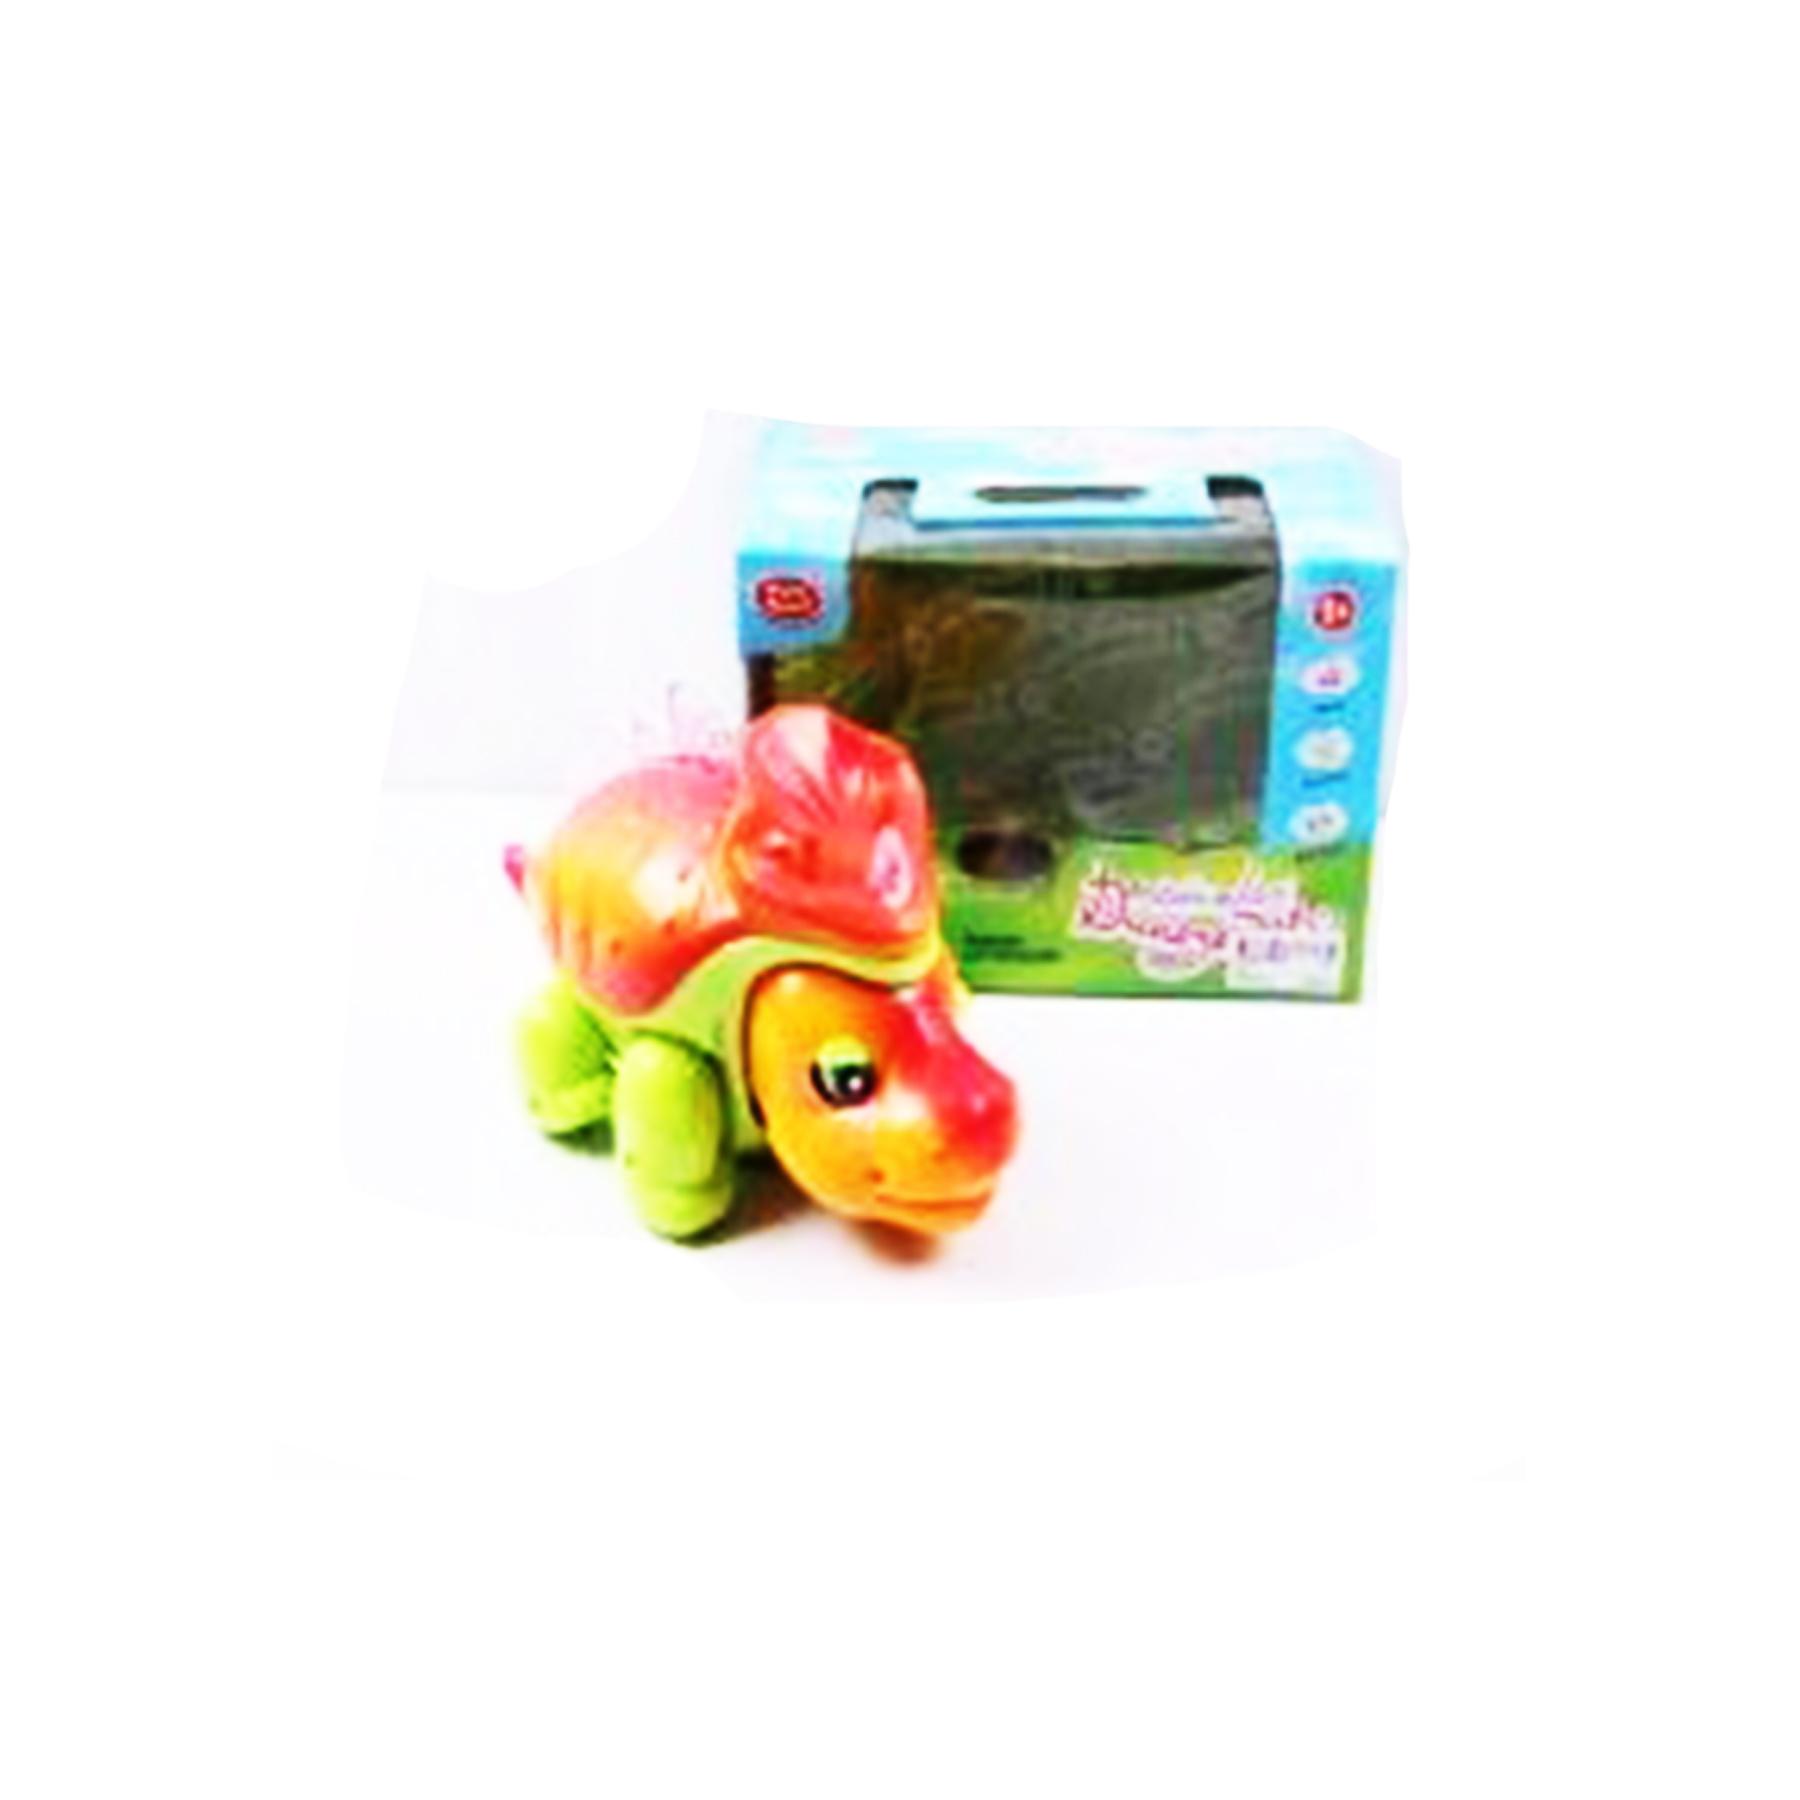 Динозавр пластмассовый 0911 (187274)